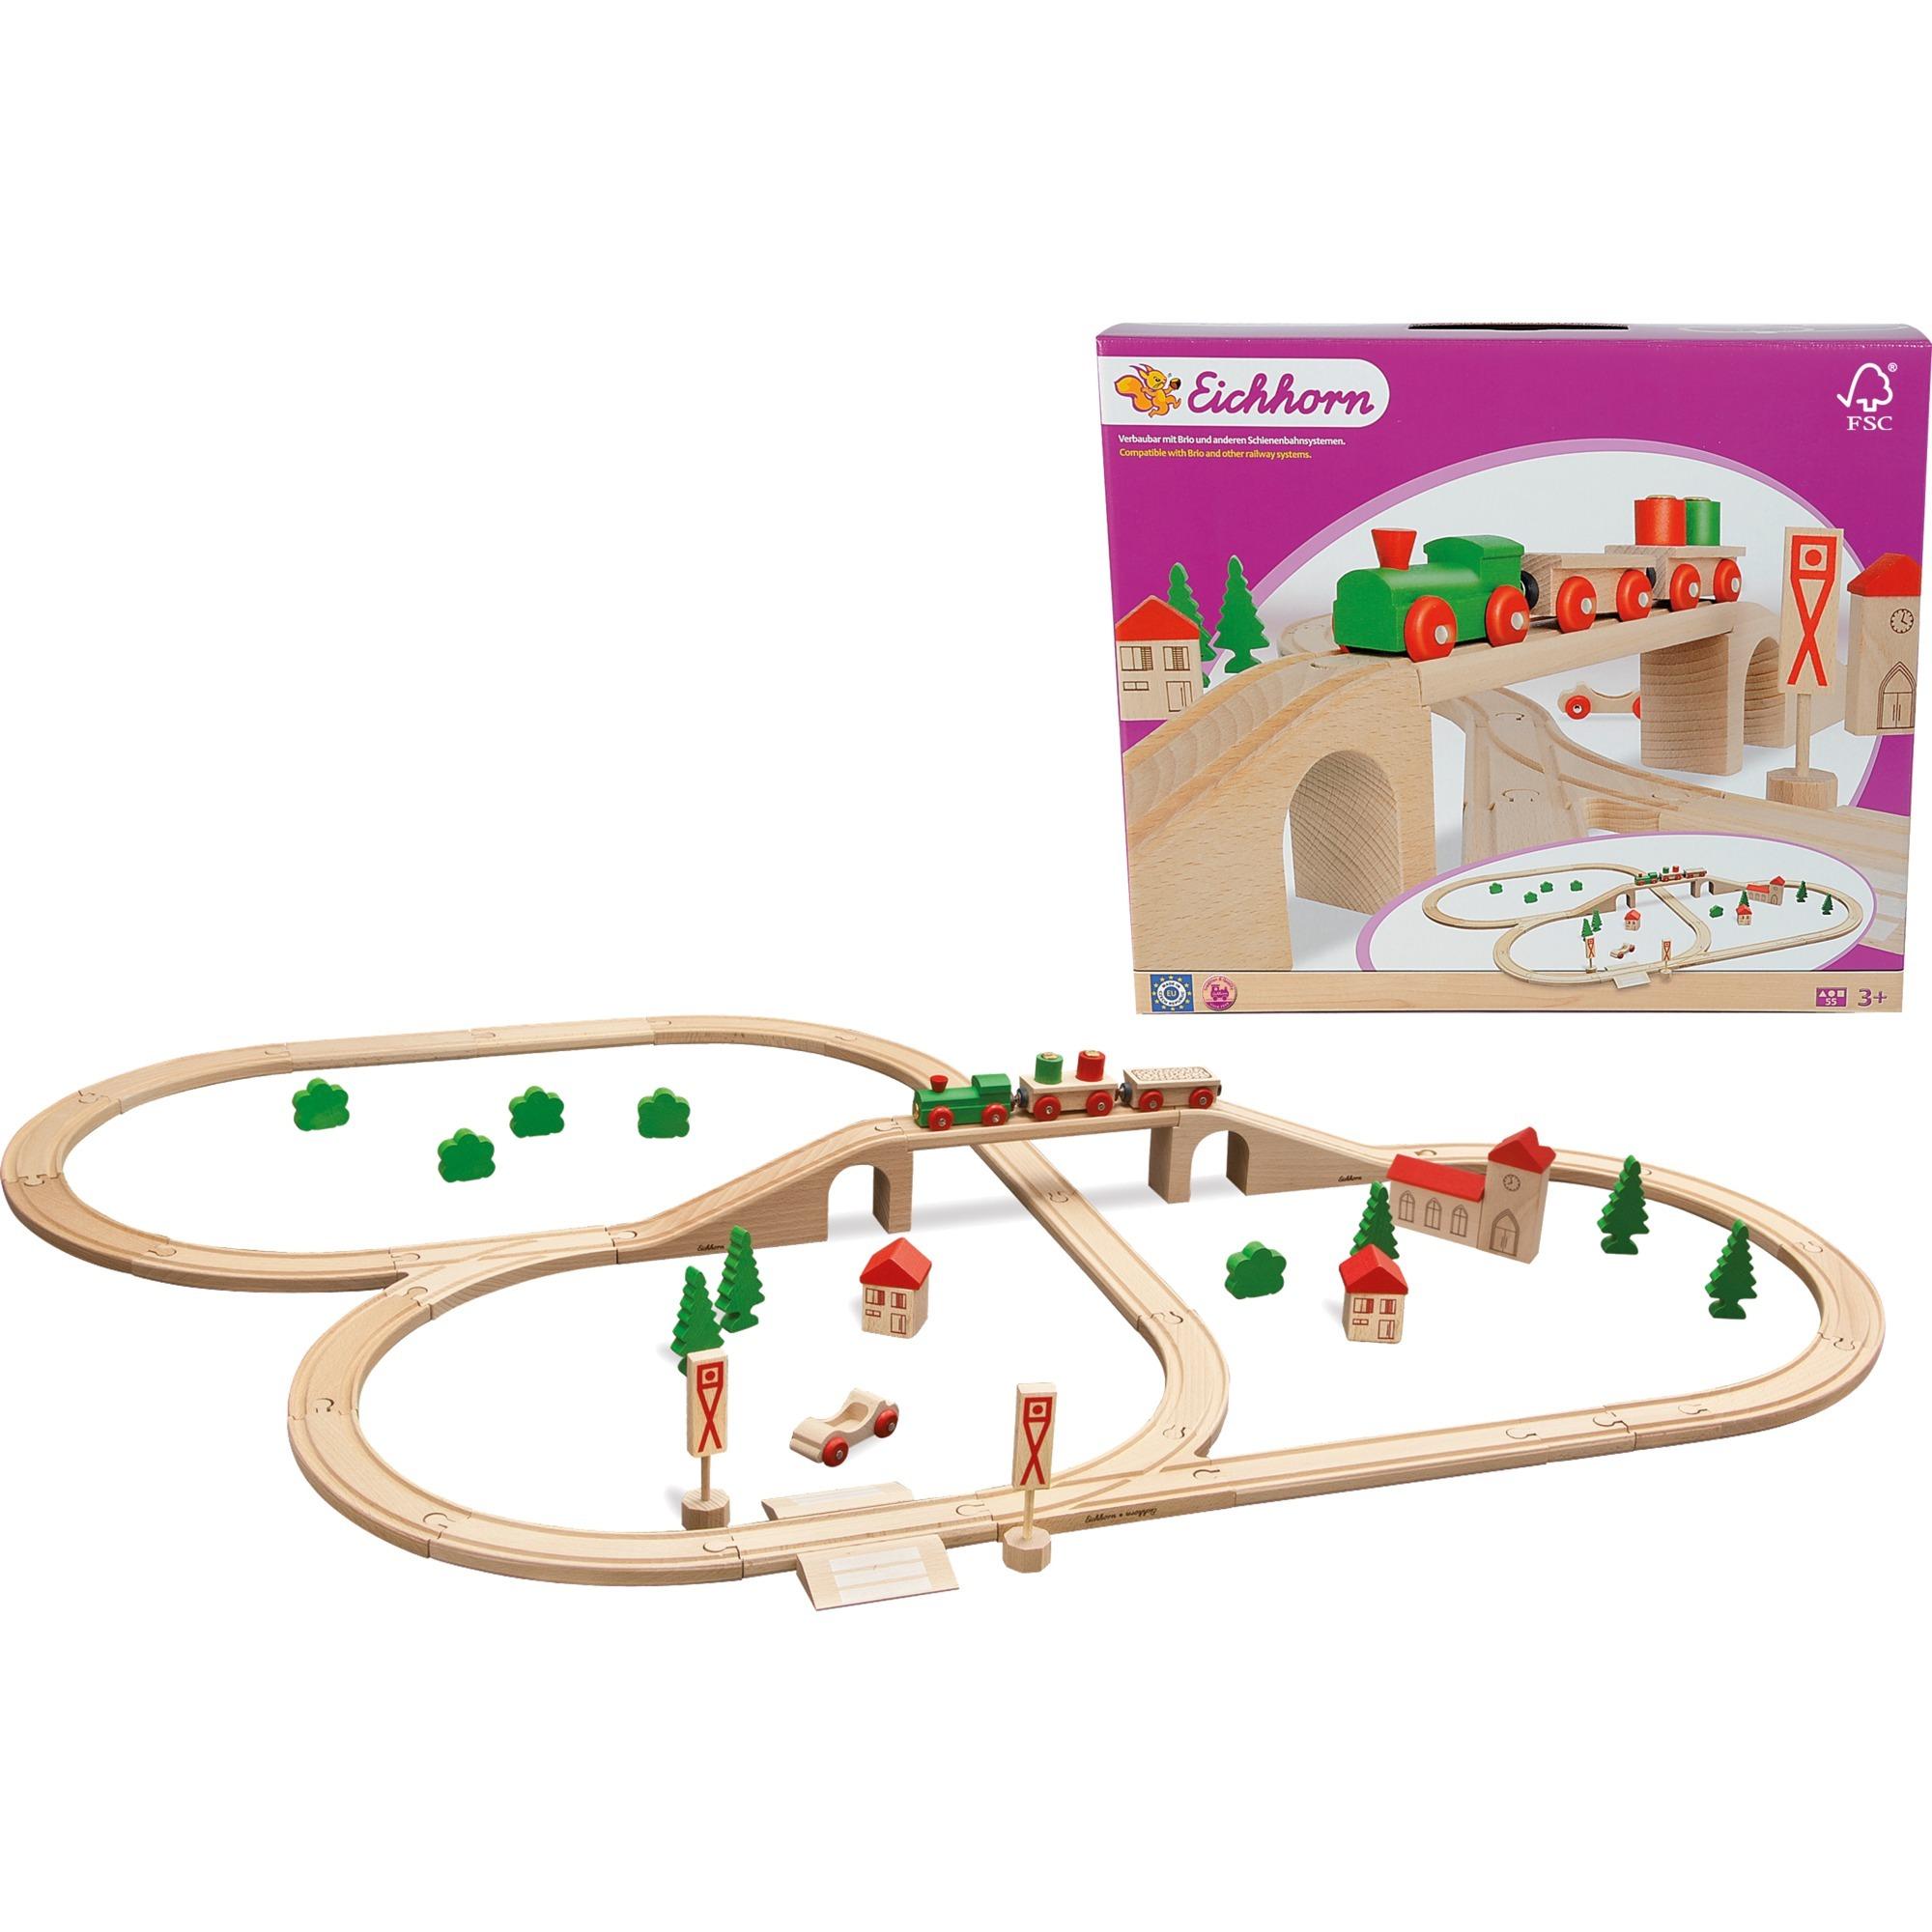 100001264 modelo de ferrocarril y tren, Juegos de construcción